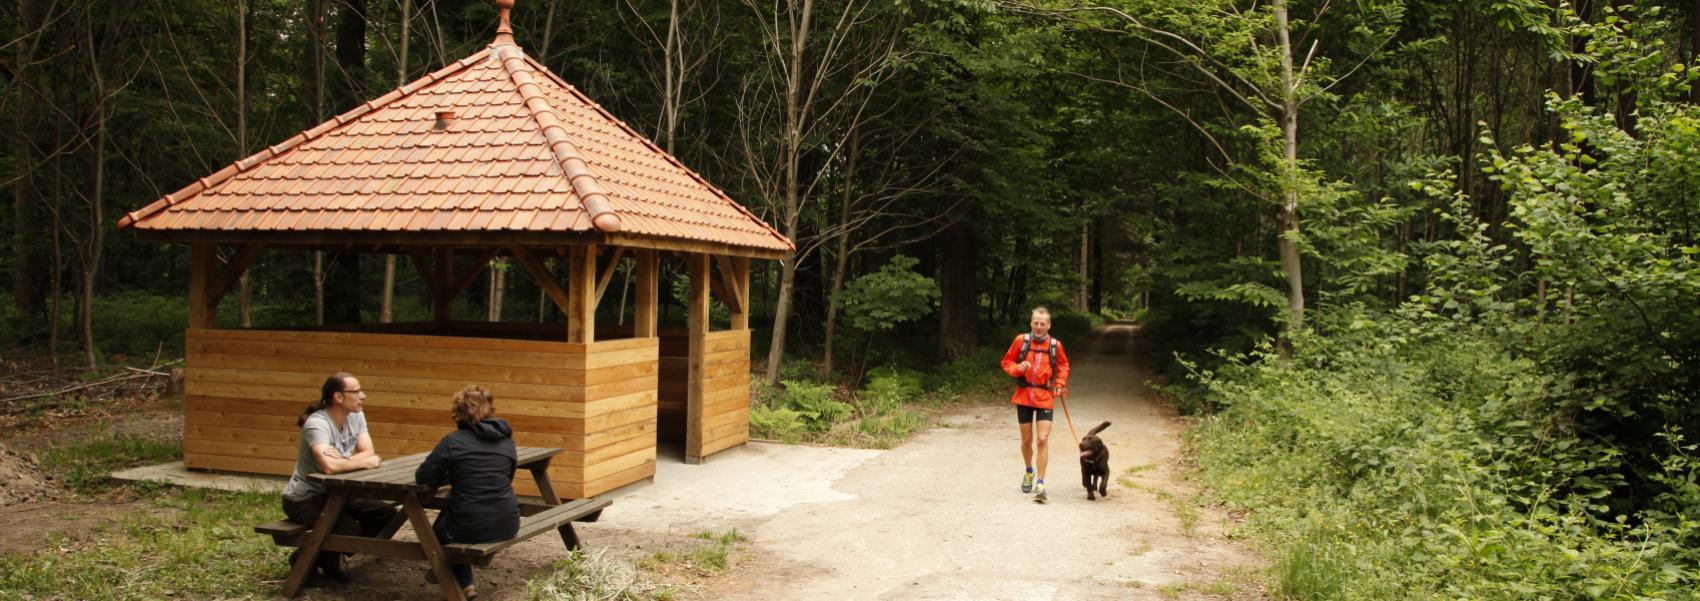 wandelaar met hond en 2 mensen op een picknickbankje bij de schuilhut